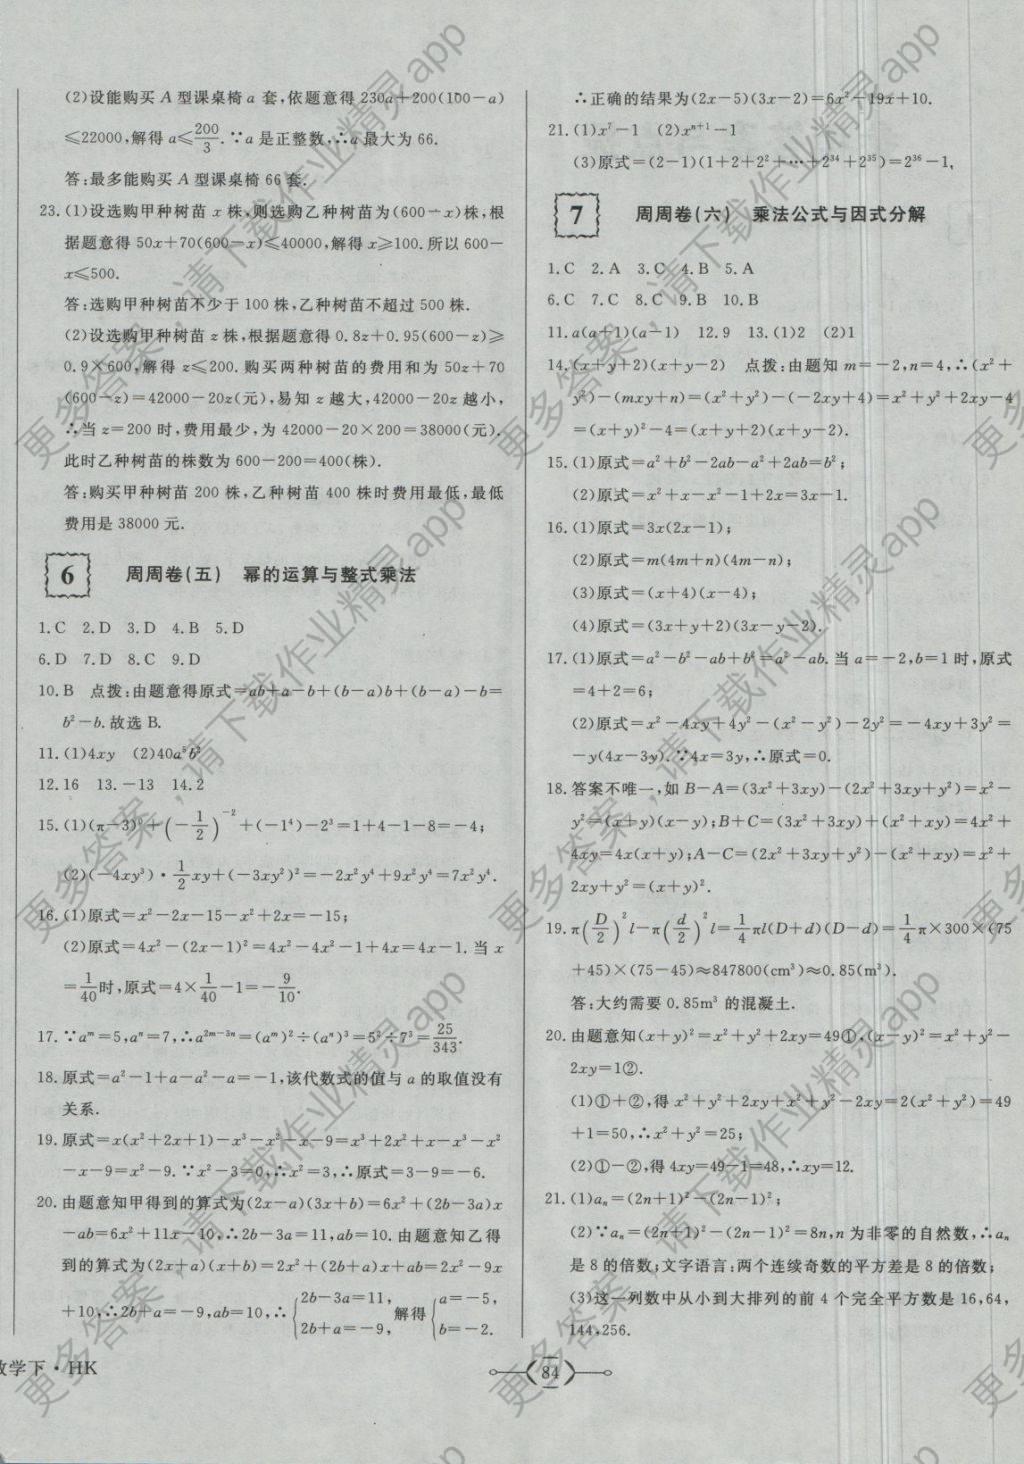 2018年优数学周周卷数学科技七命题干线沪初中术初中年级下册图片